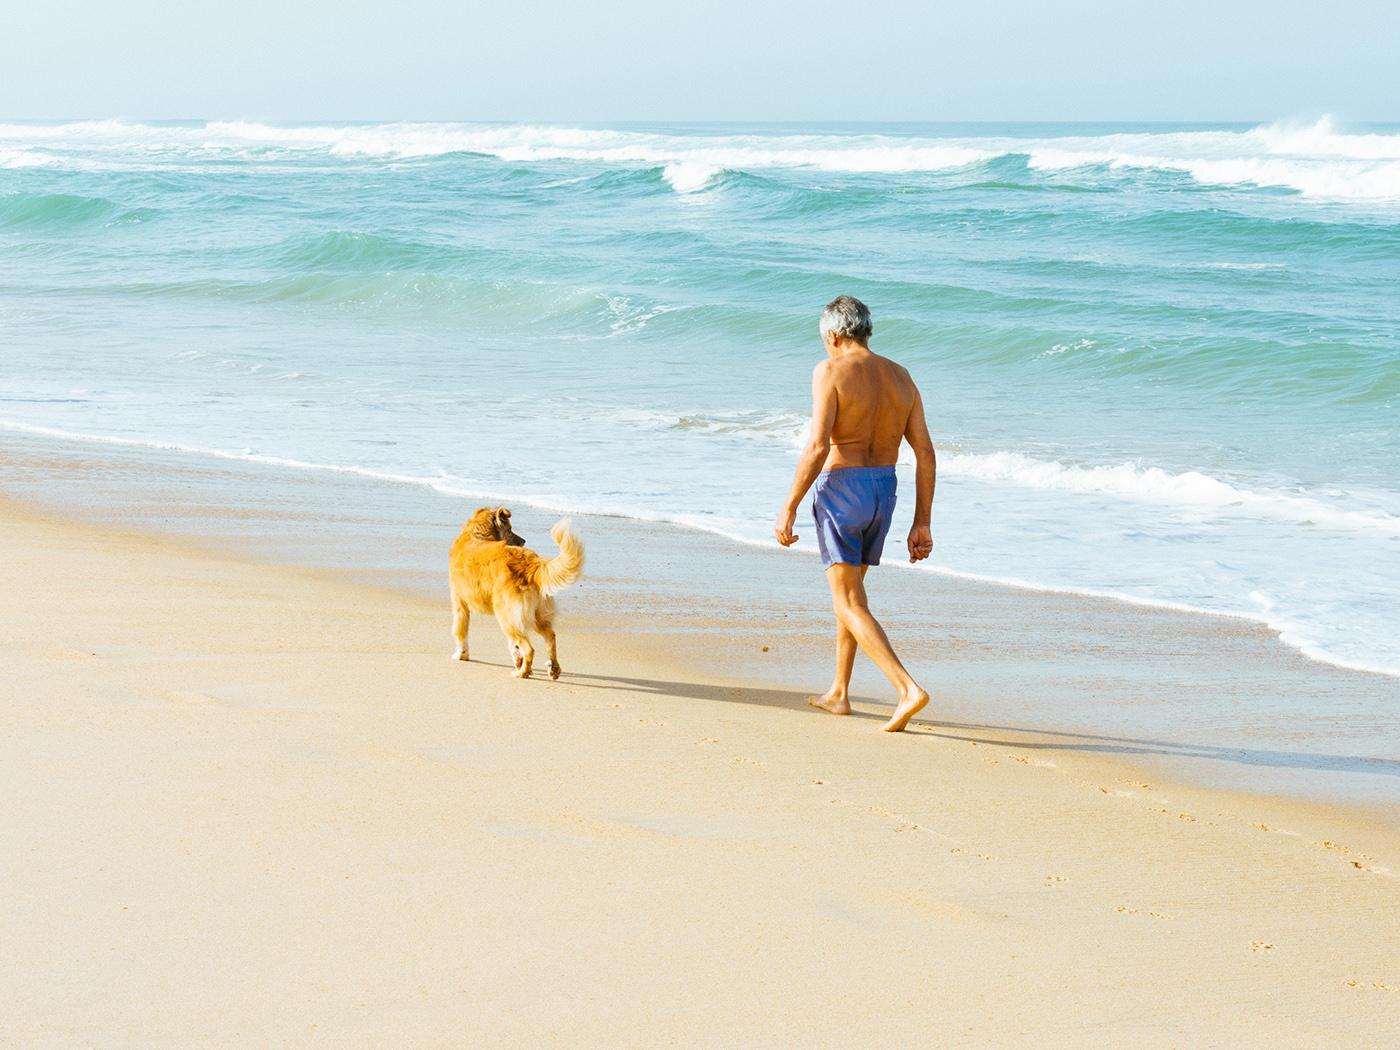 Urlaub Mit Hund Im Wohnmobil In 5 Schritten Perfekt